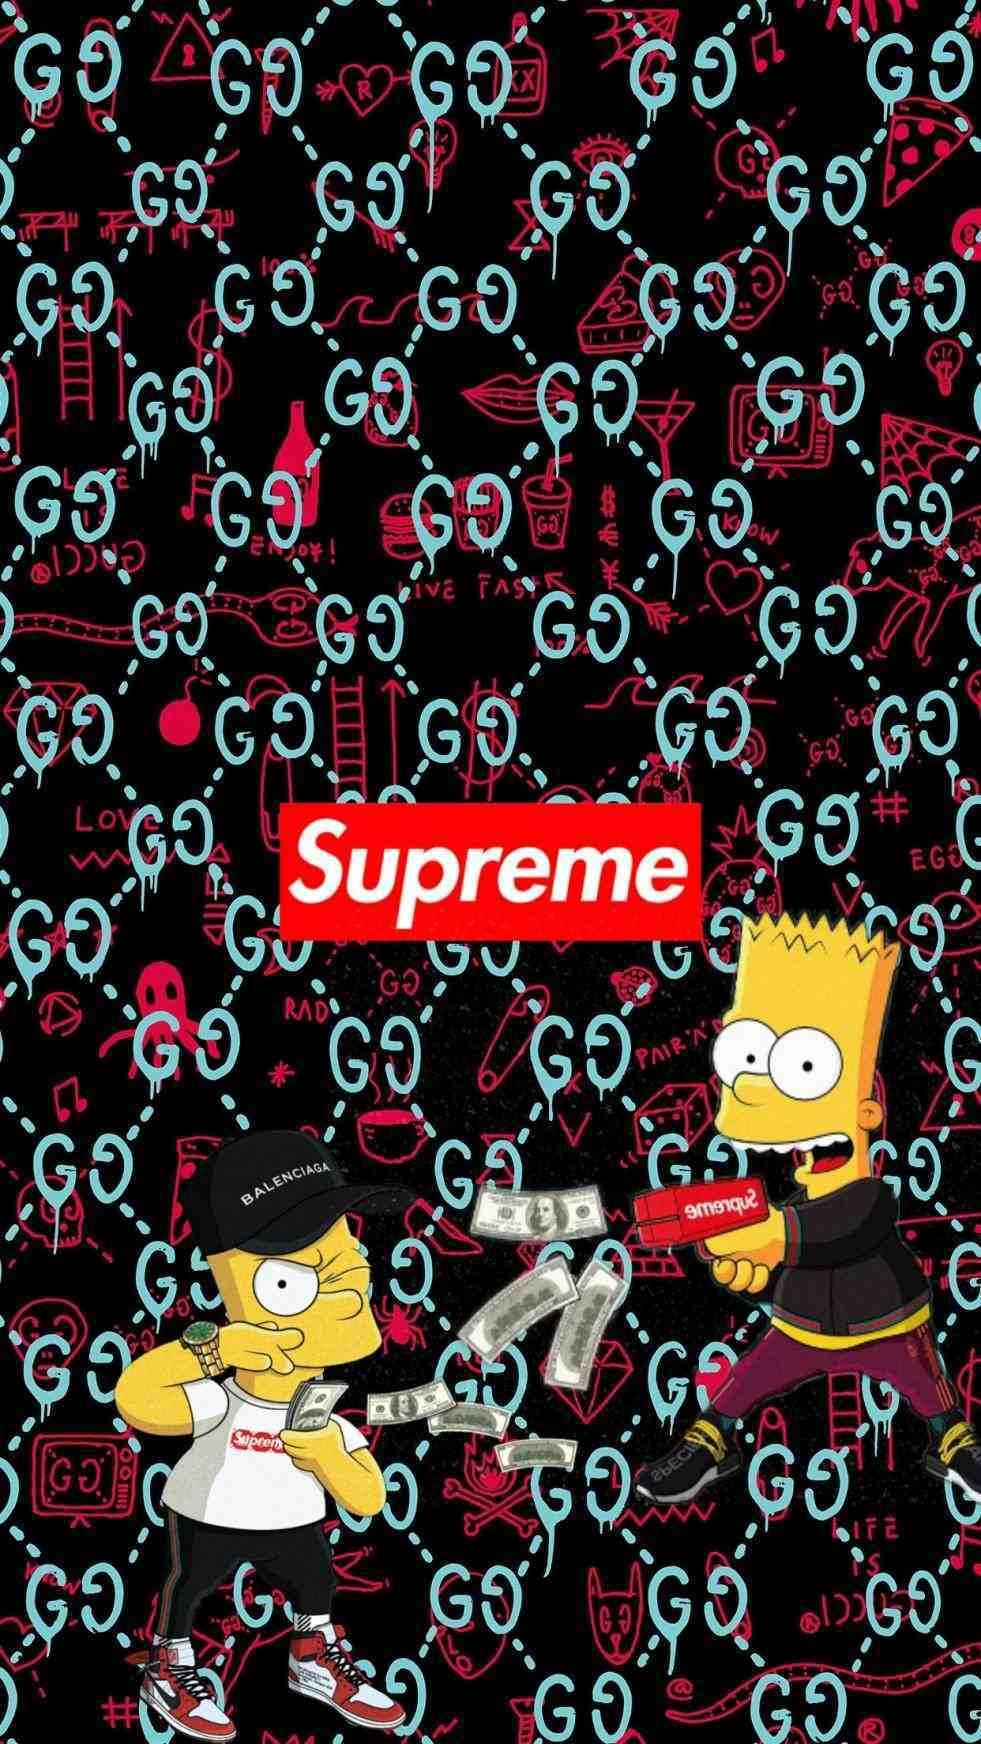 Gucci Wallpaper Iphone X 2243204 Hd Wallpaper